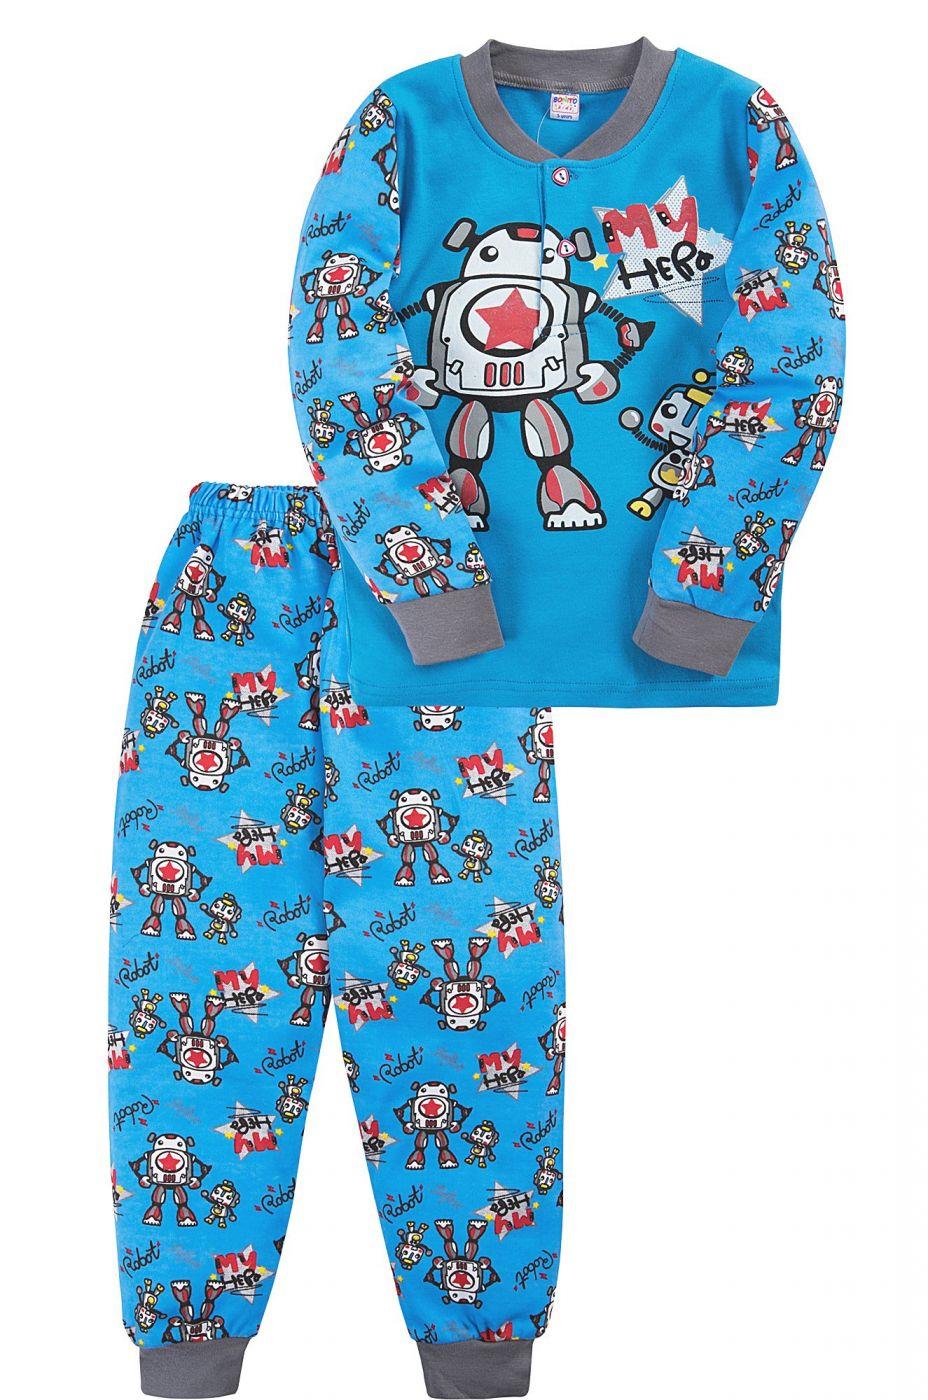 Пижама для мальчика Bonito голубая с роботами